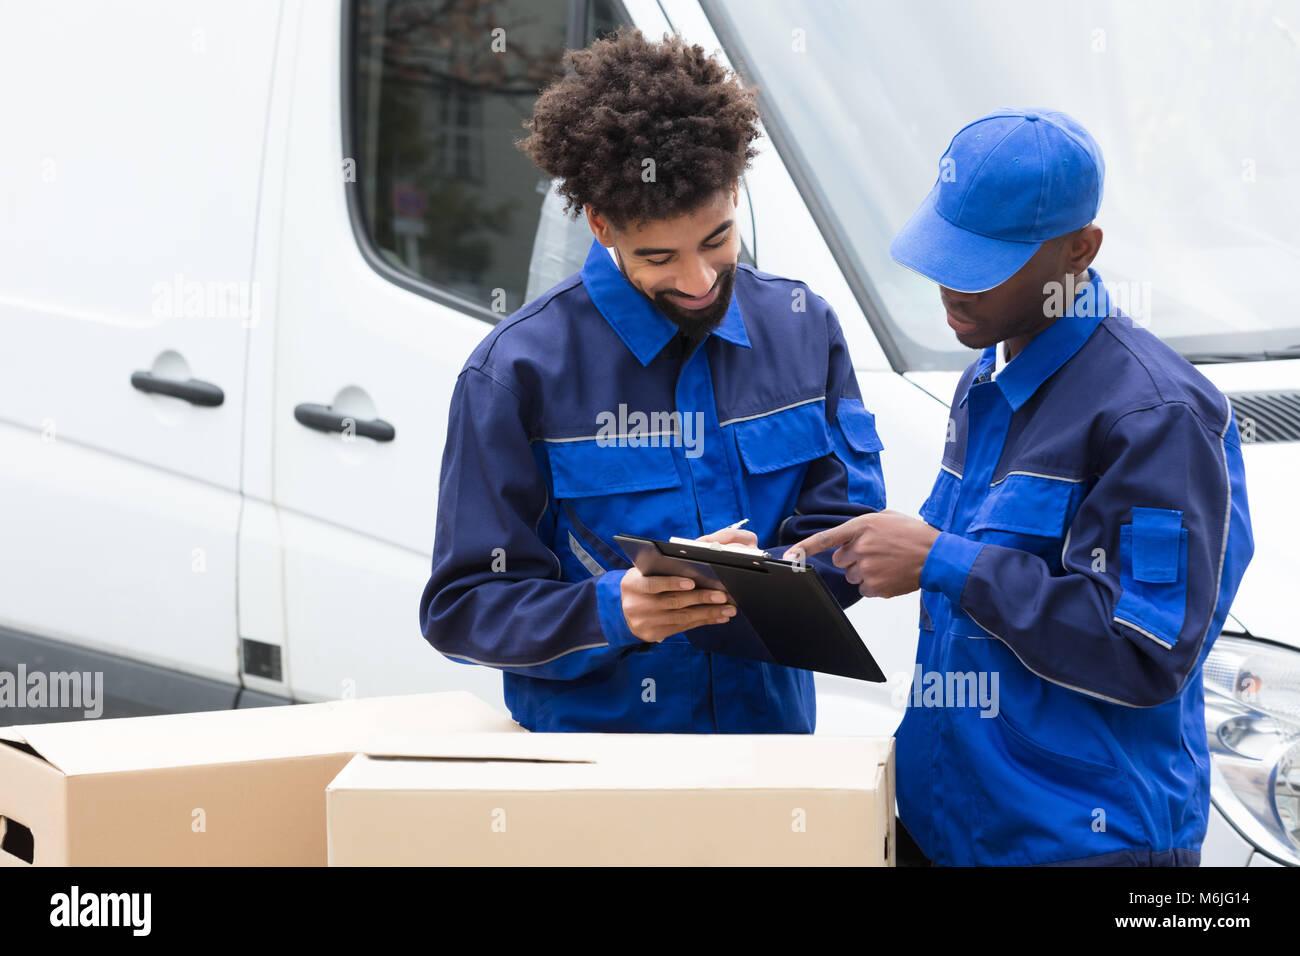 Delivery Man escrito en el Portapapeles encima de las cajas de cartón junto al camión. Imagen De Stock